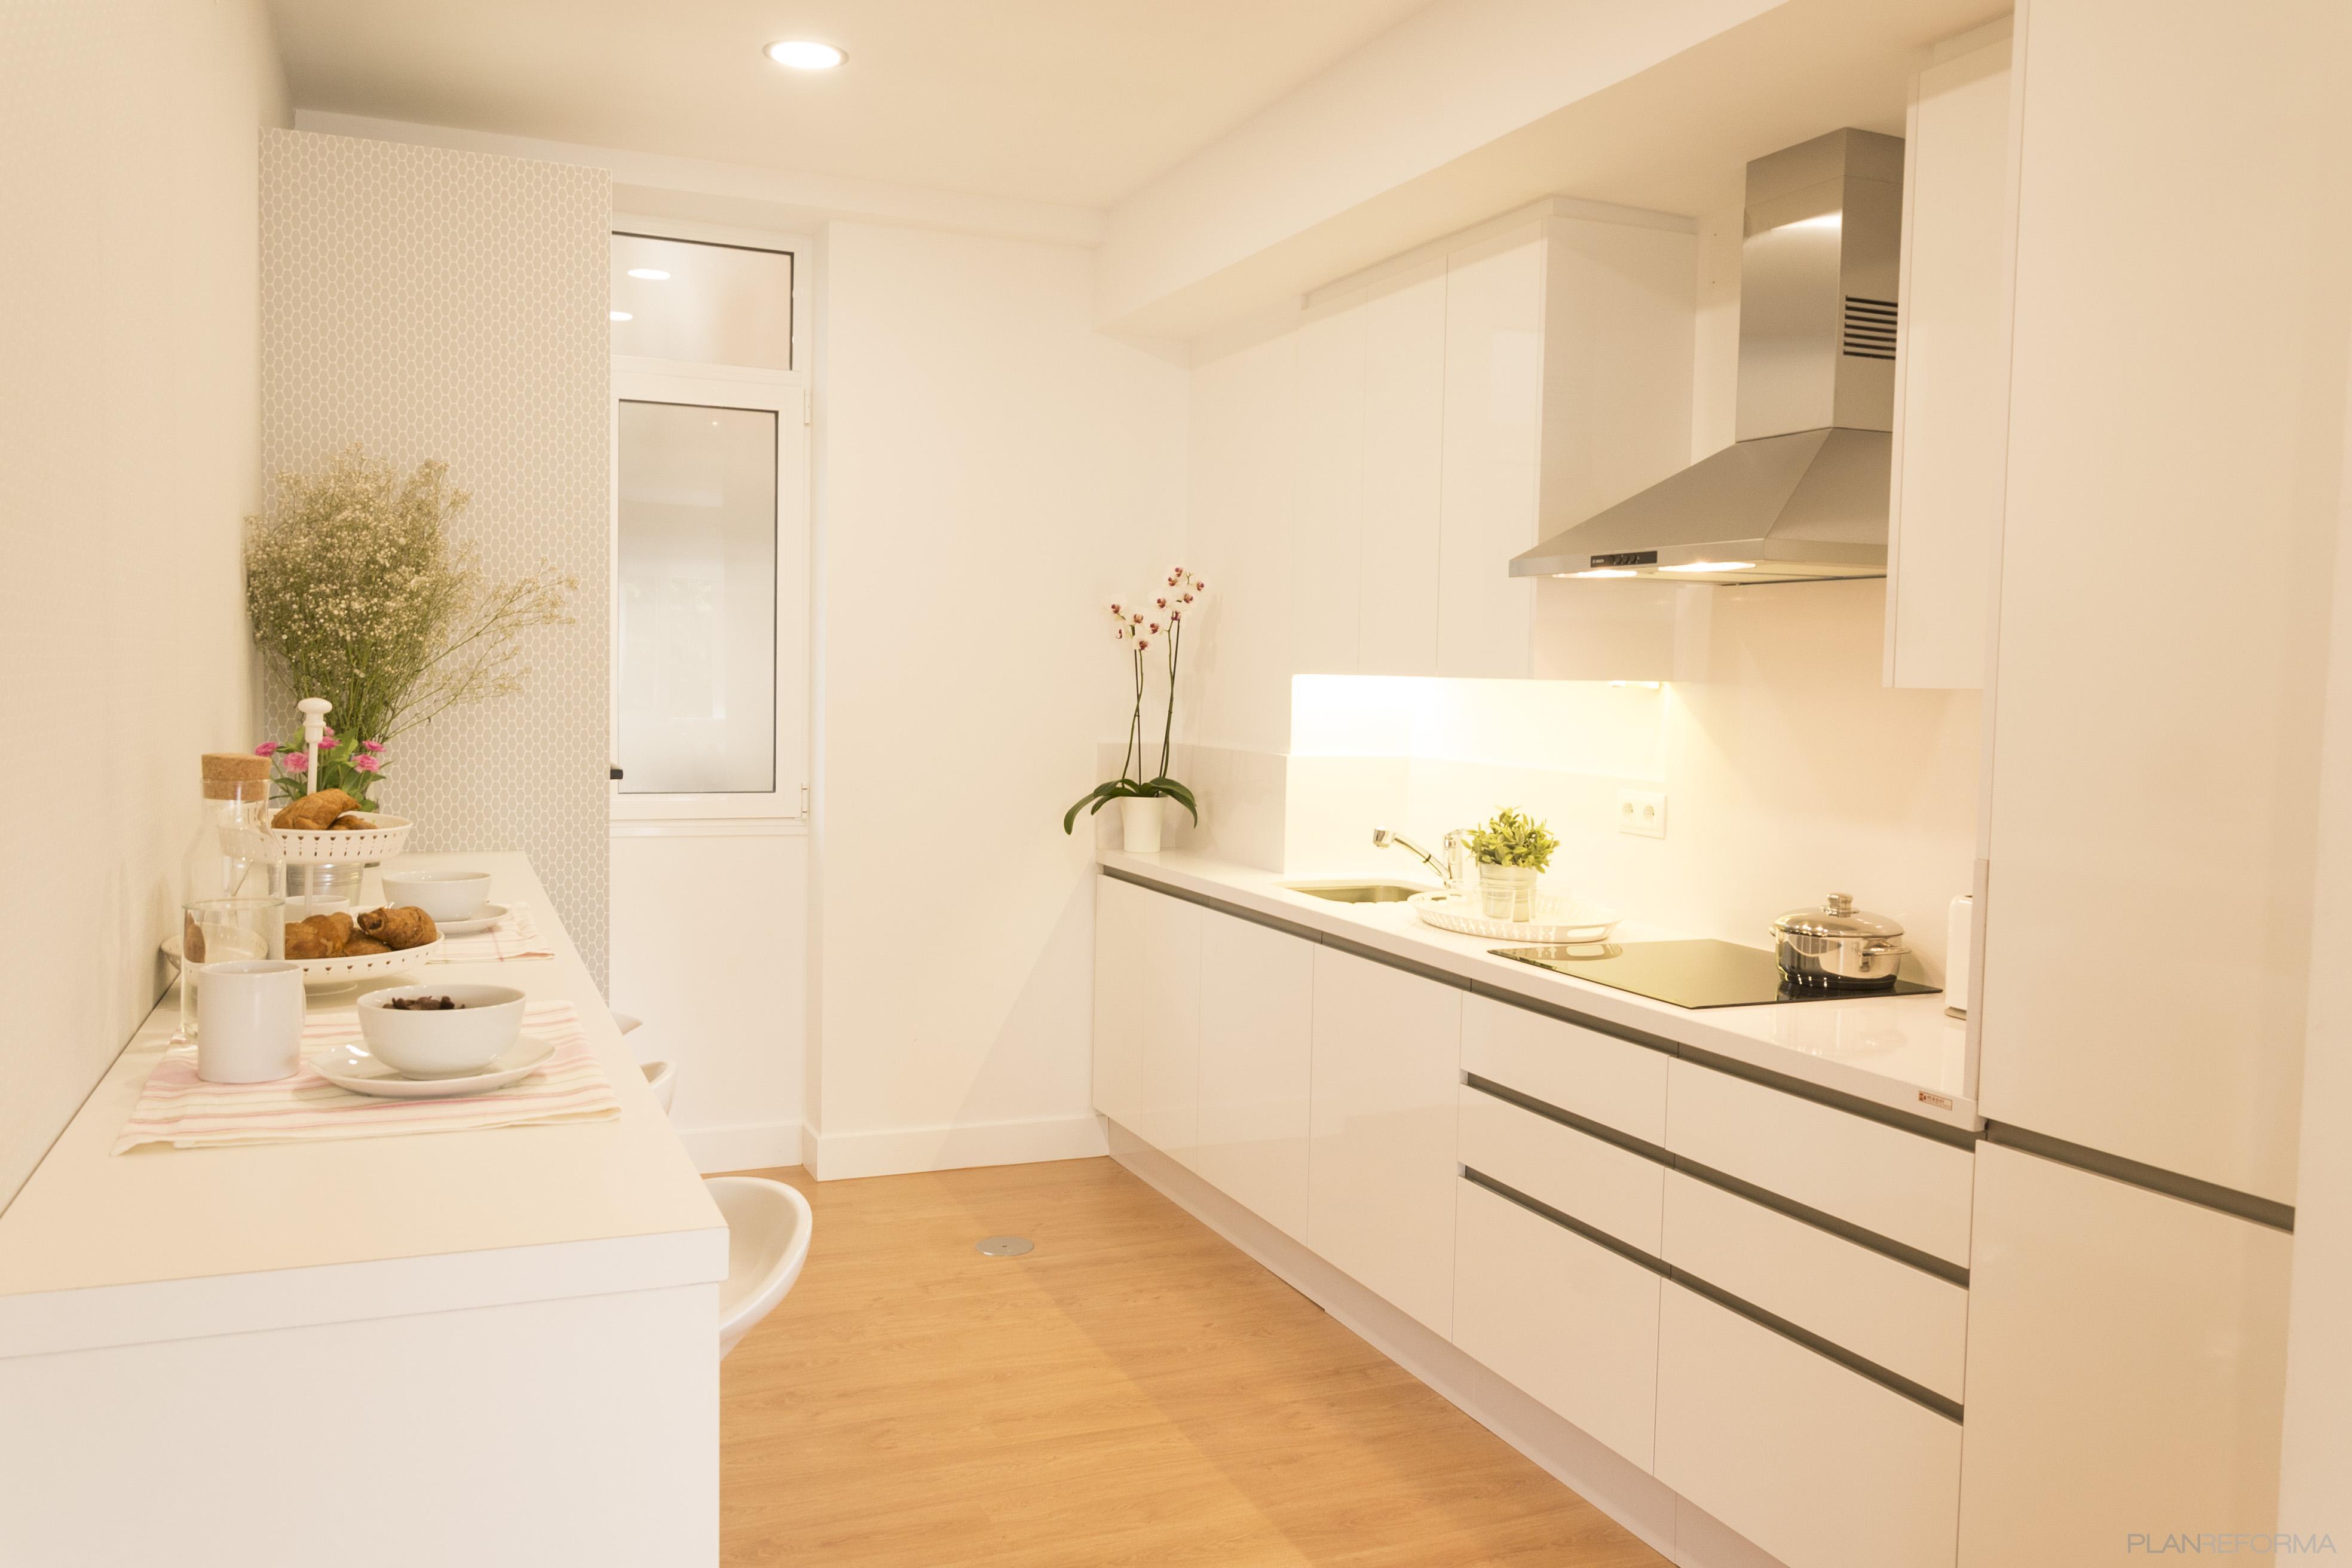 Cocina estilo moderno color ocre gris plateado for Cocina estilo moderno